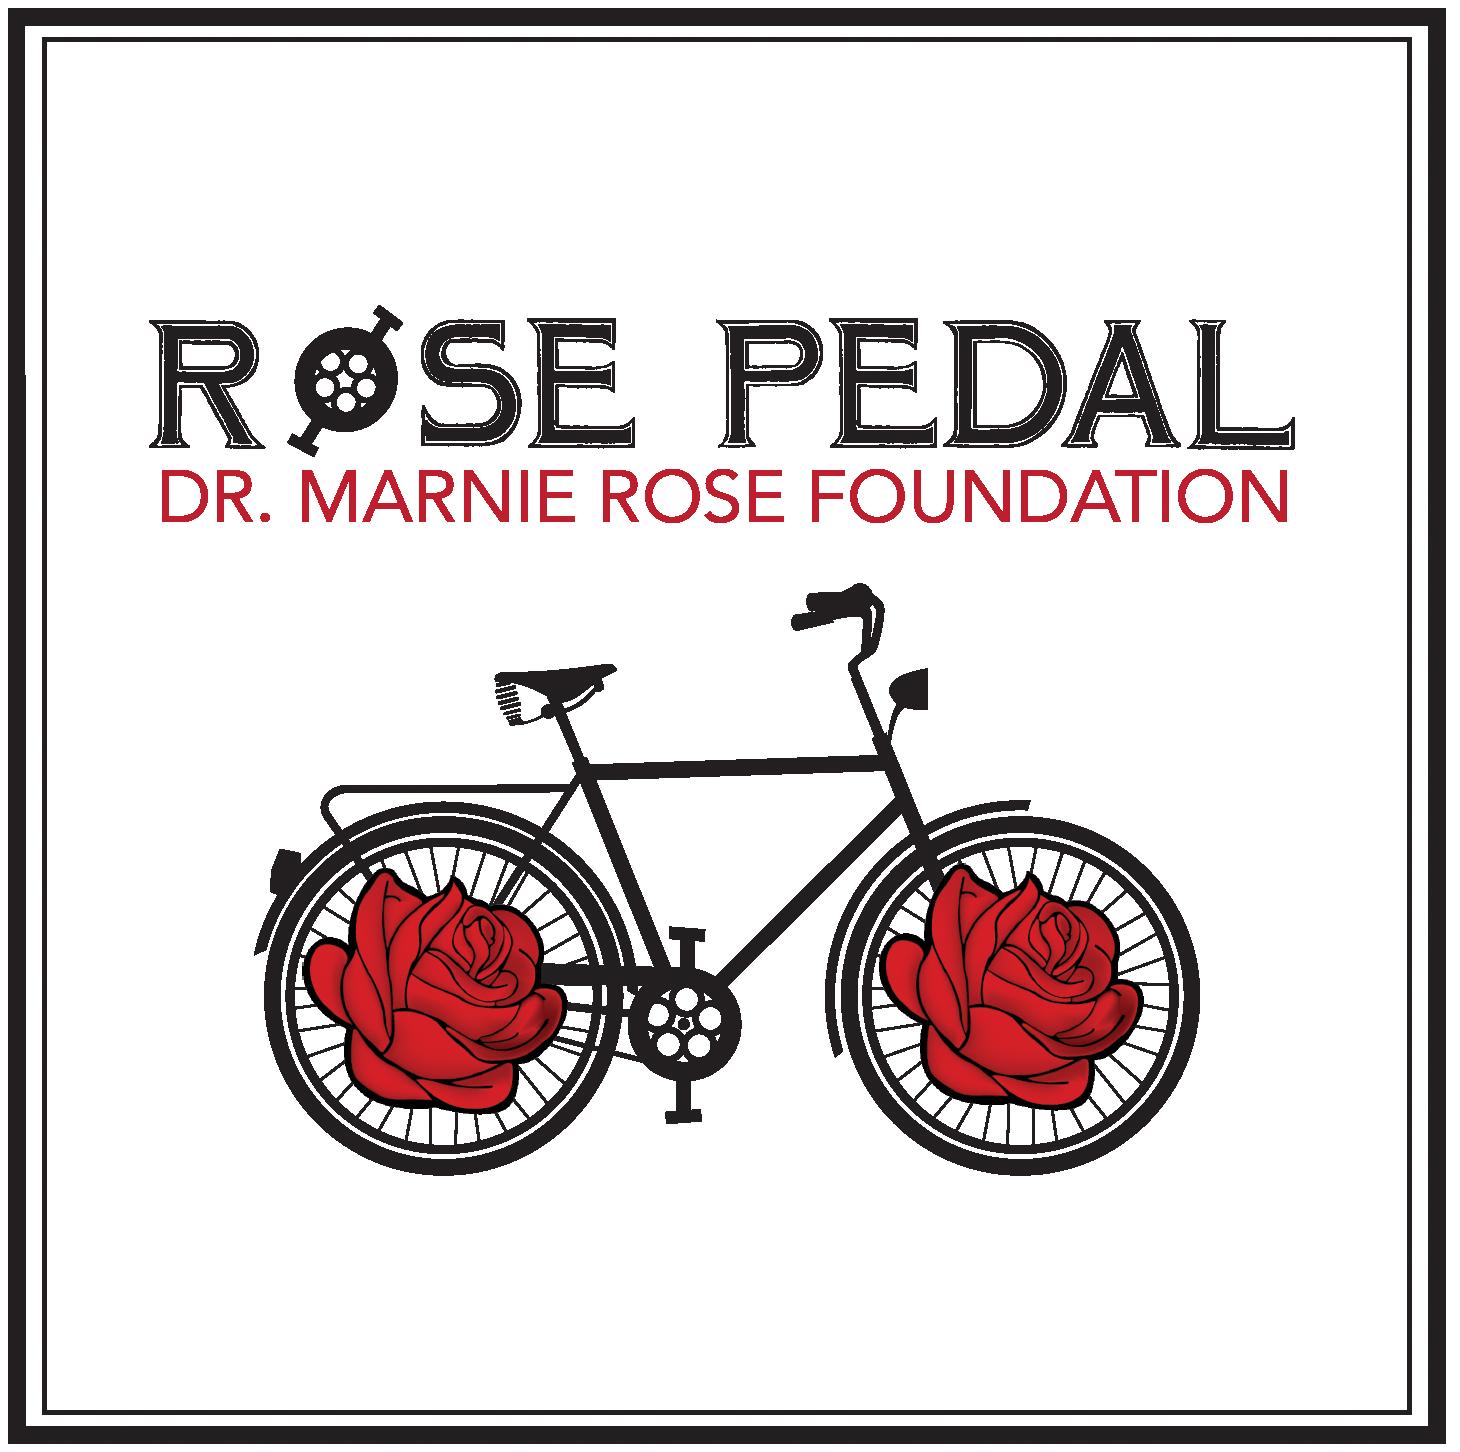 rose pedal logo.png